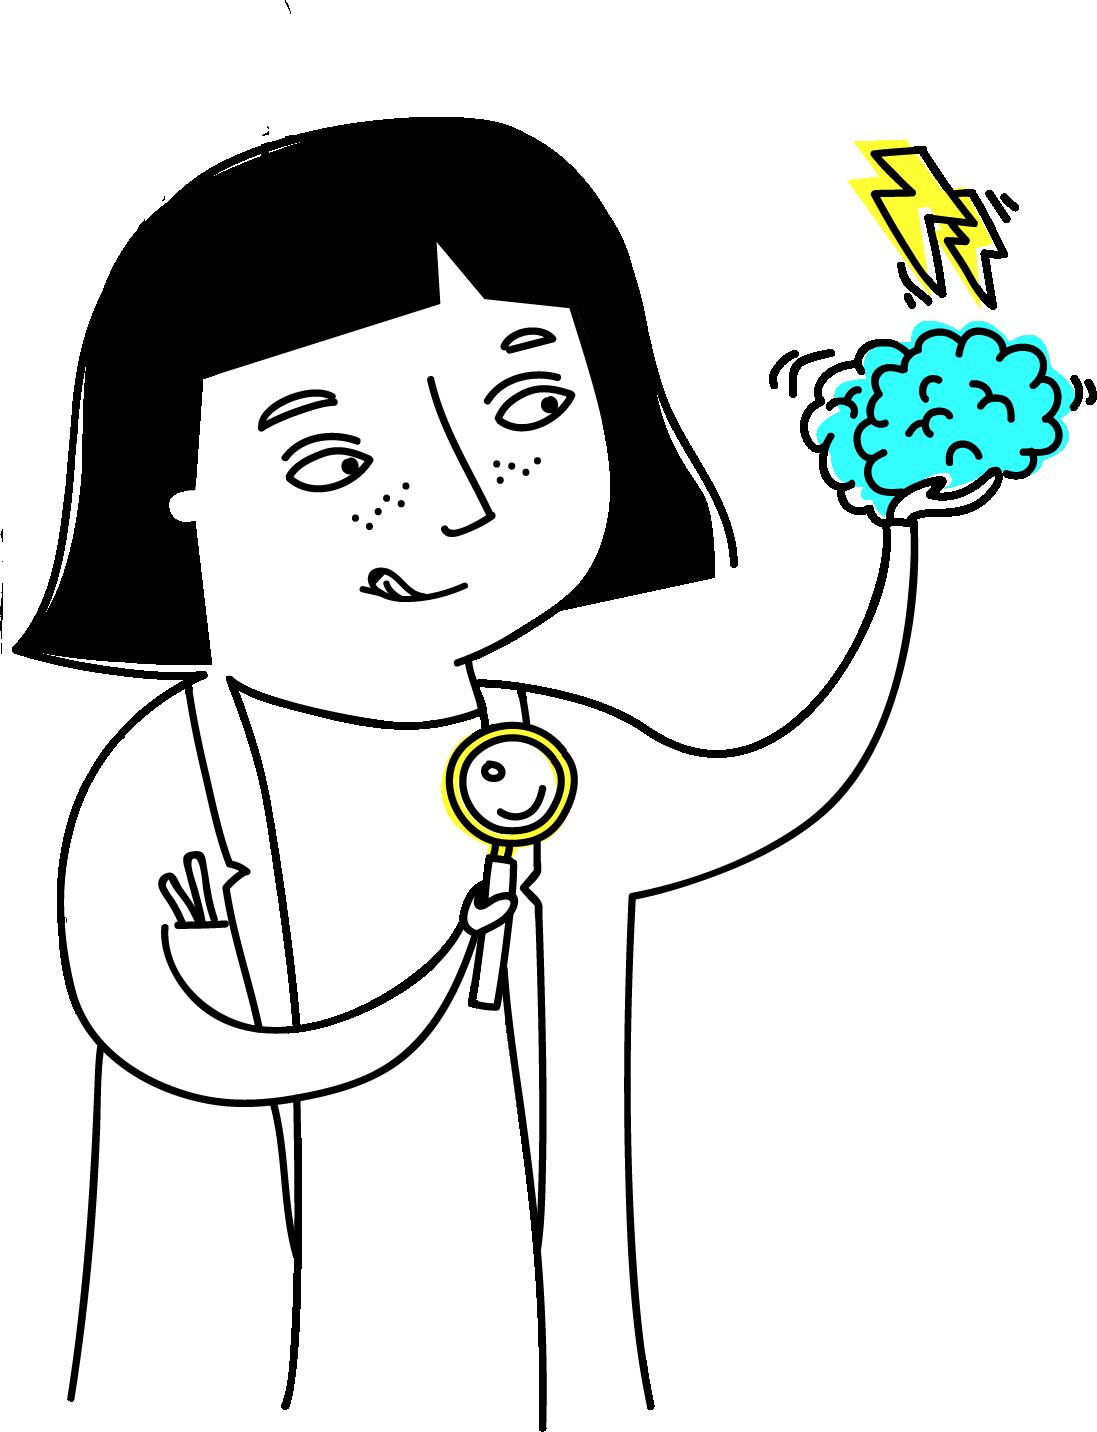 kochstrasse.agency Neuromarketing Leistungen Insights & Forschung